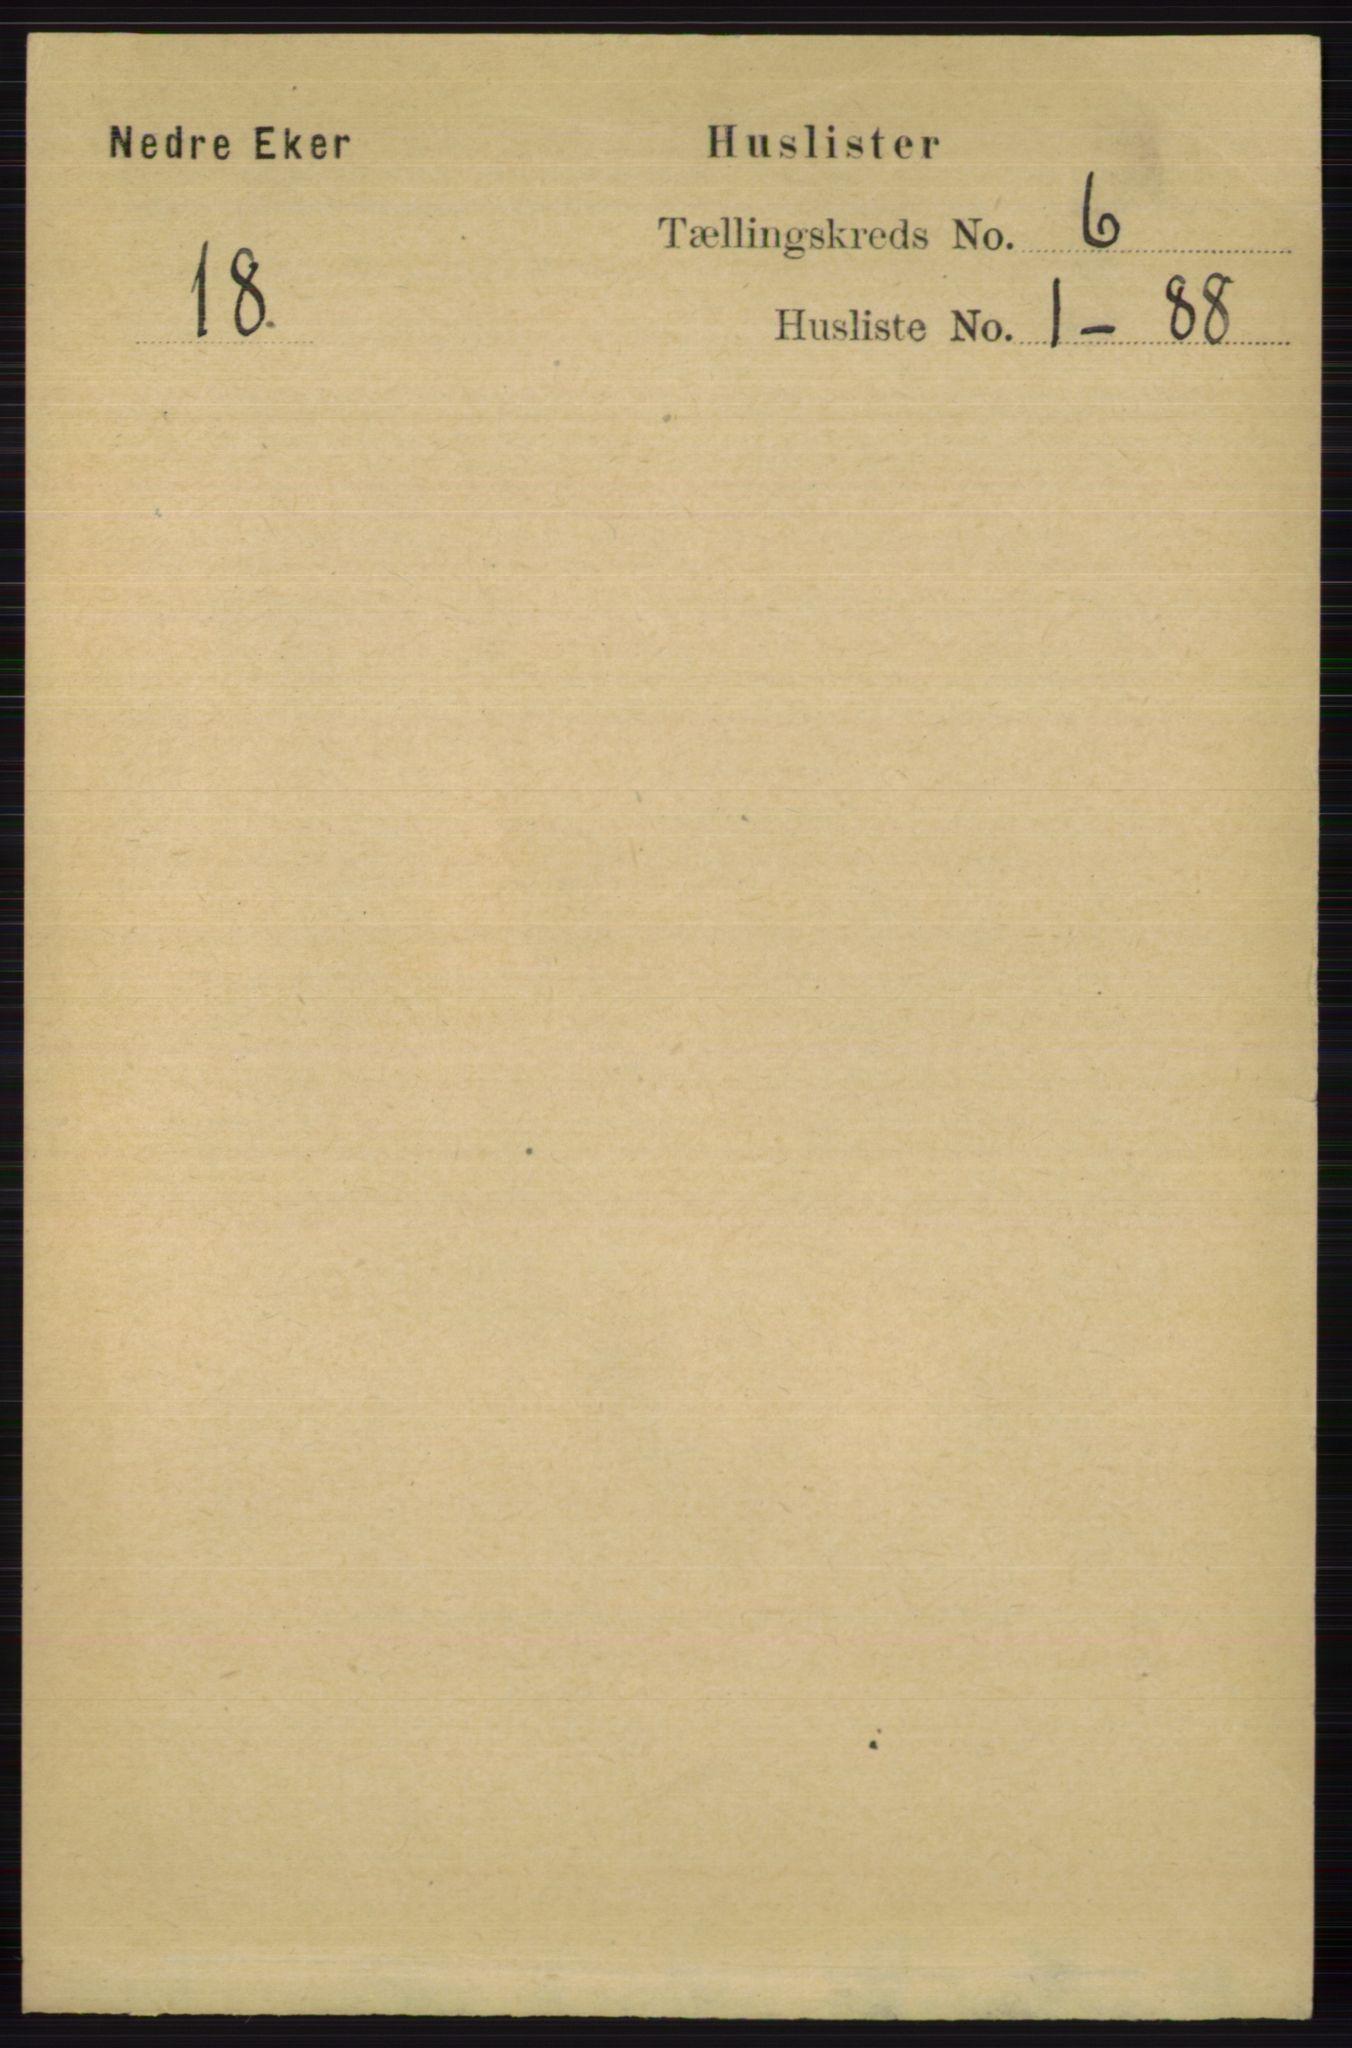 RA, Folketelling 1891 for 0625 Nedre Eiker herred, 1891, s. 2804